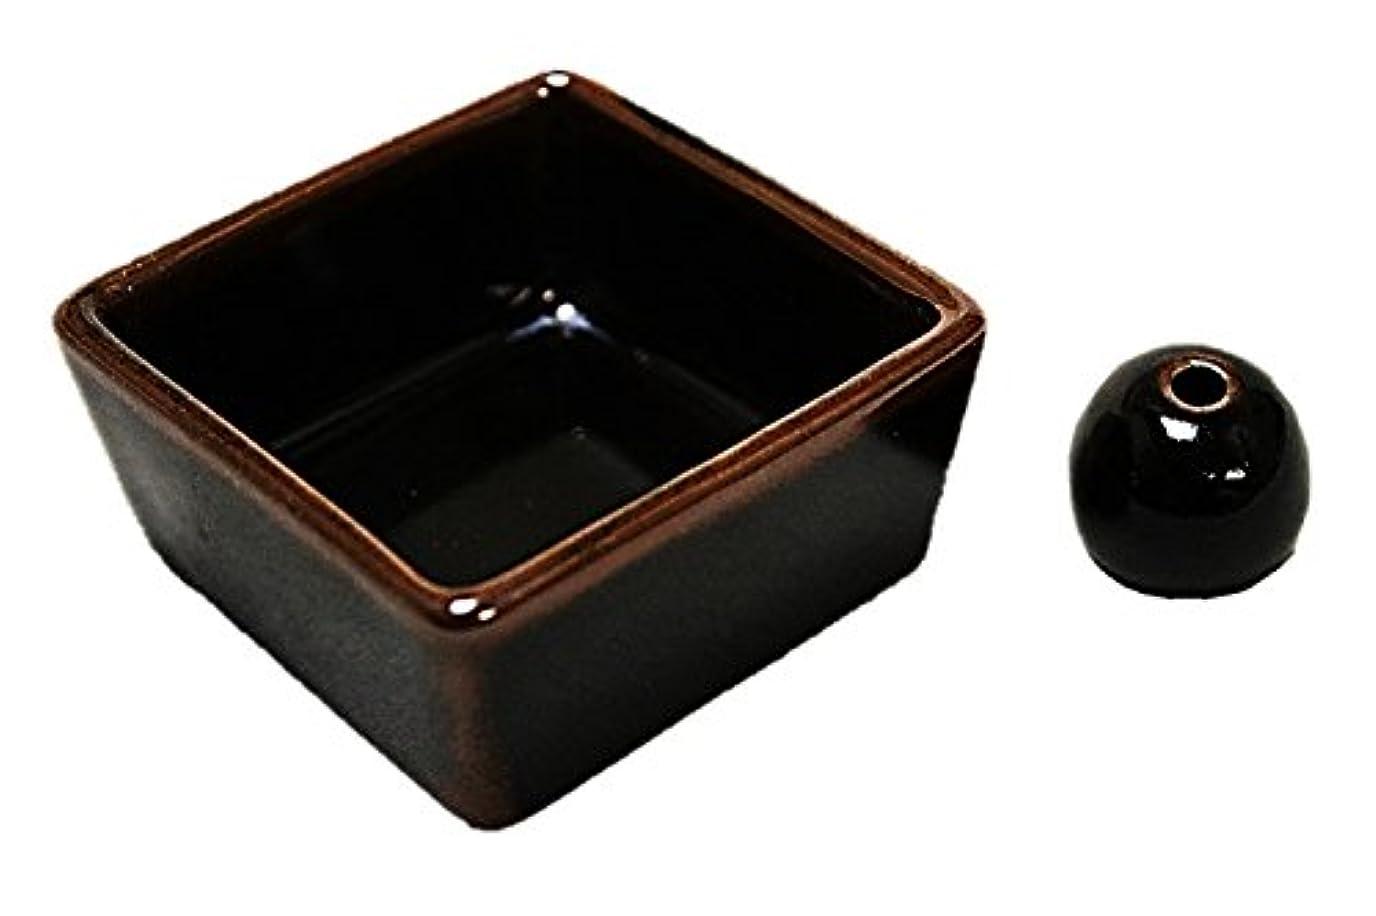 タイル嵐の励起和モダン 窯変黒天目釉 お香立て 陶器 角鉢 製造直売品